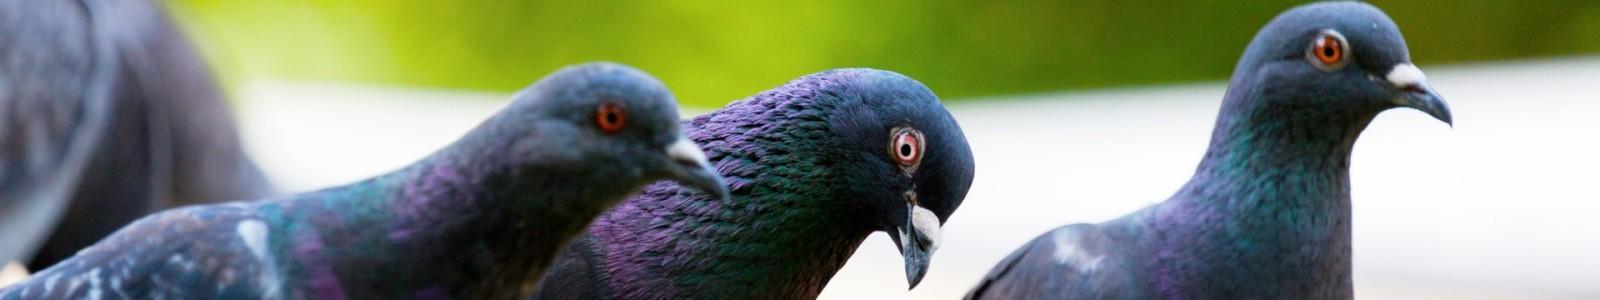 Allontanamento Colombi e piccioni